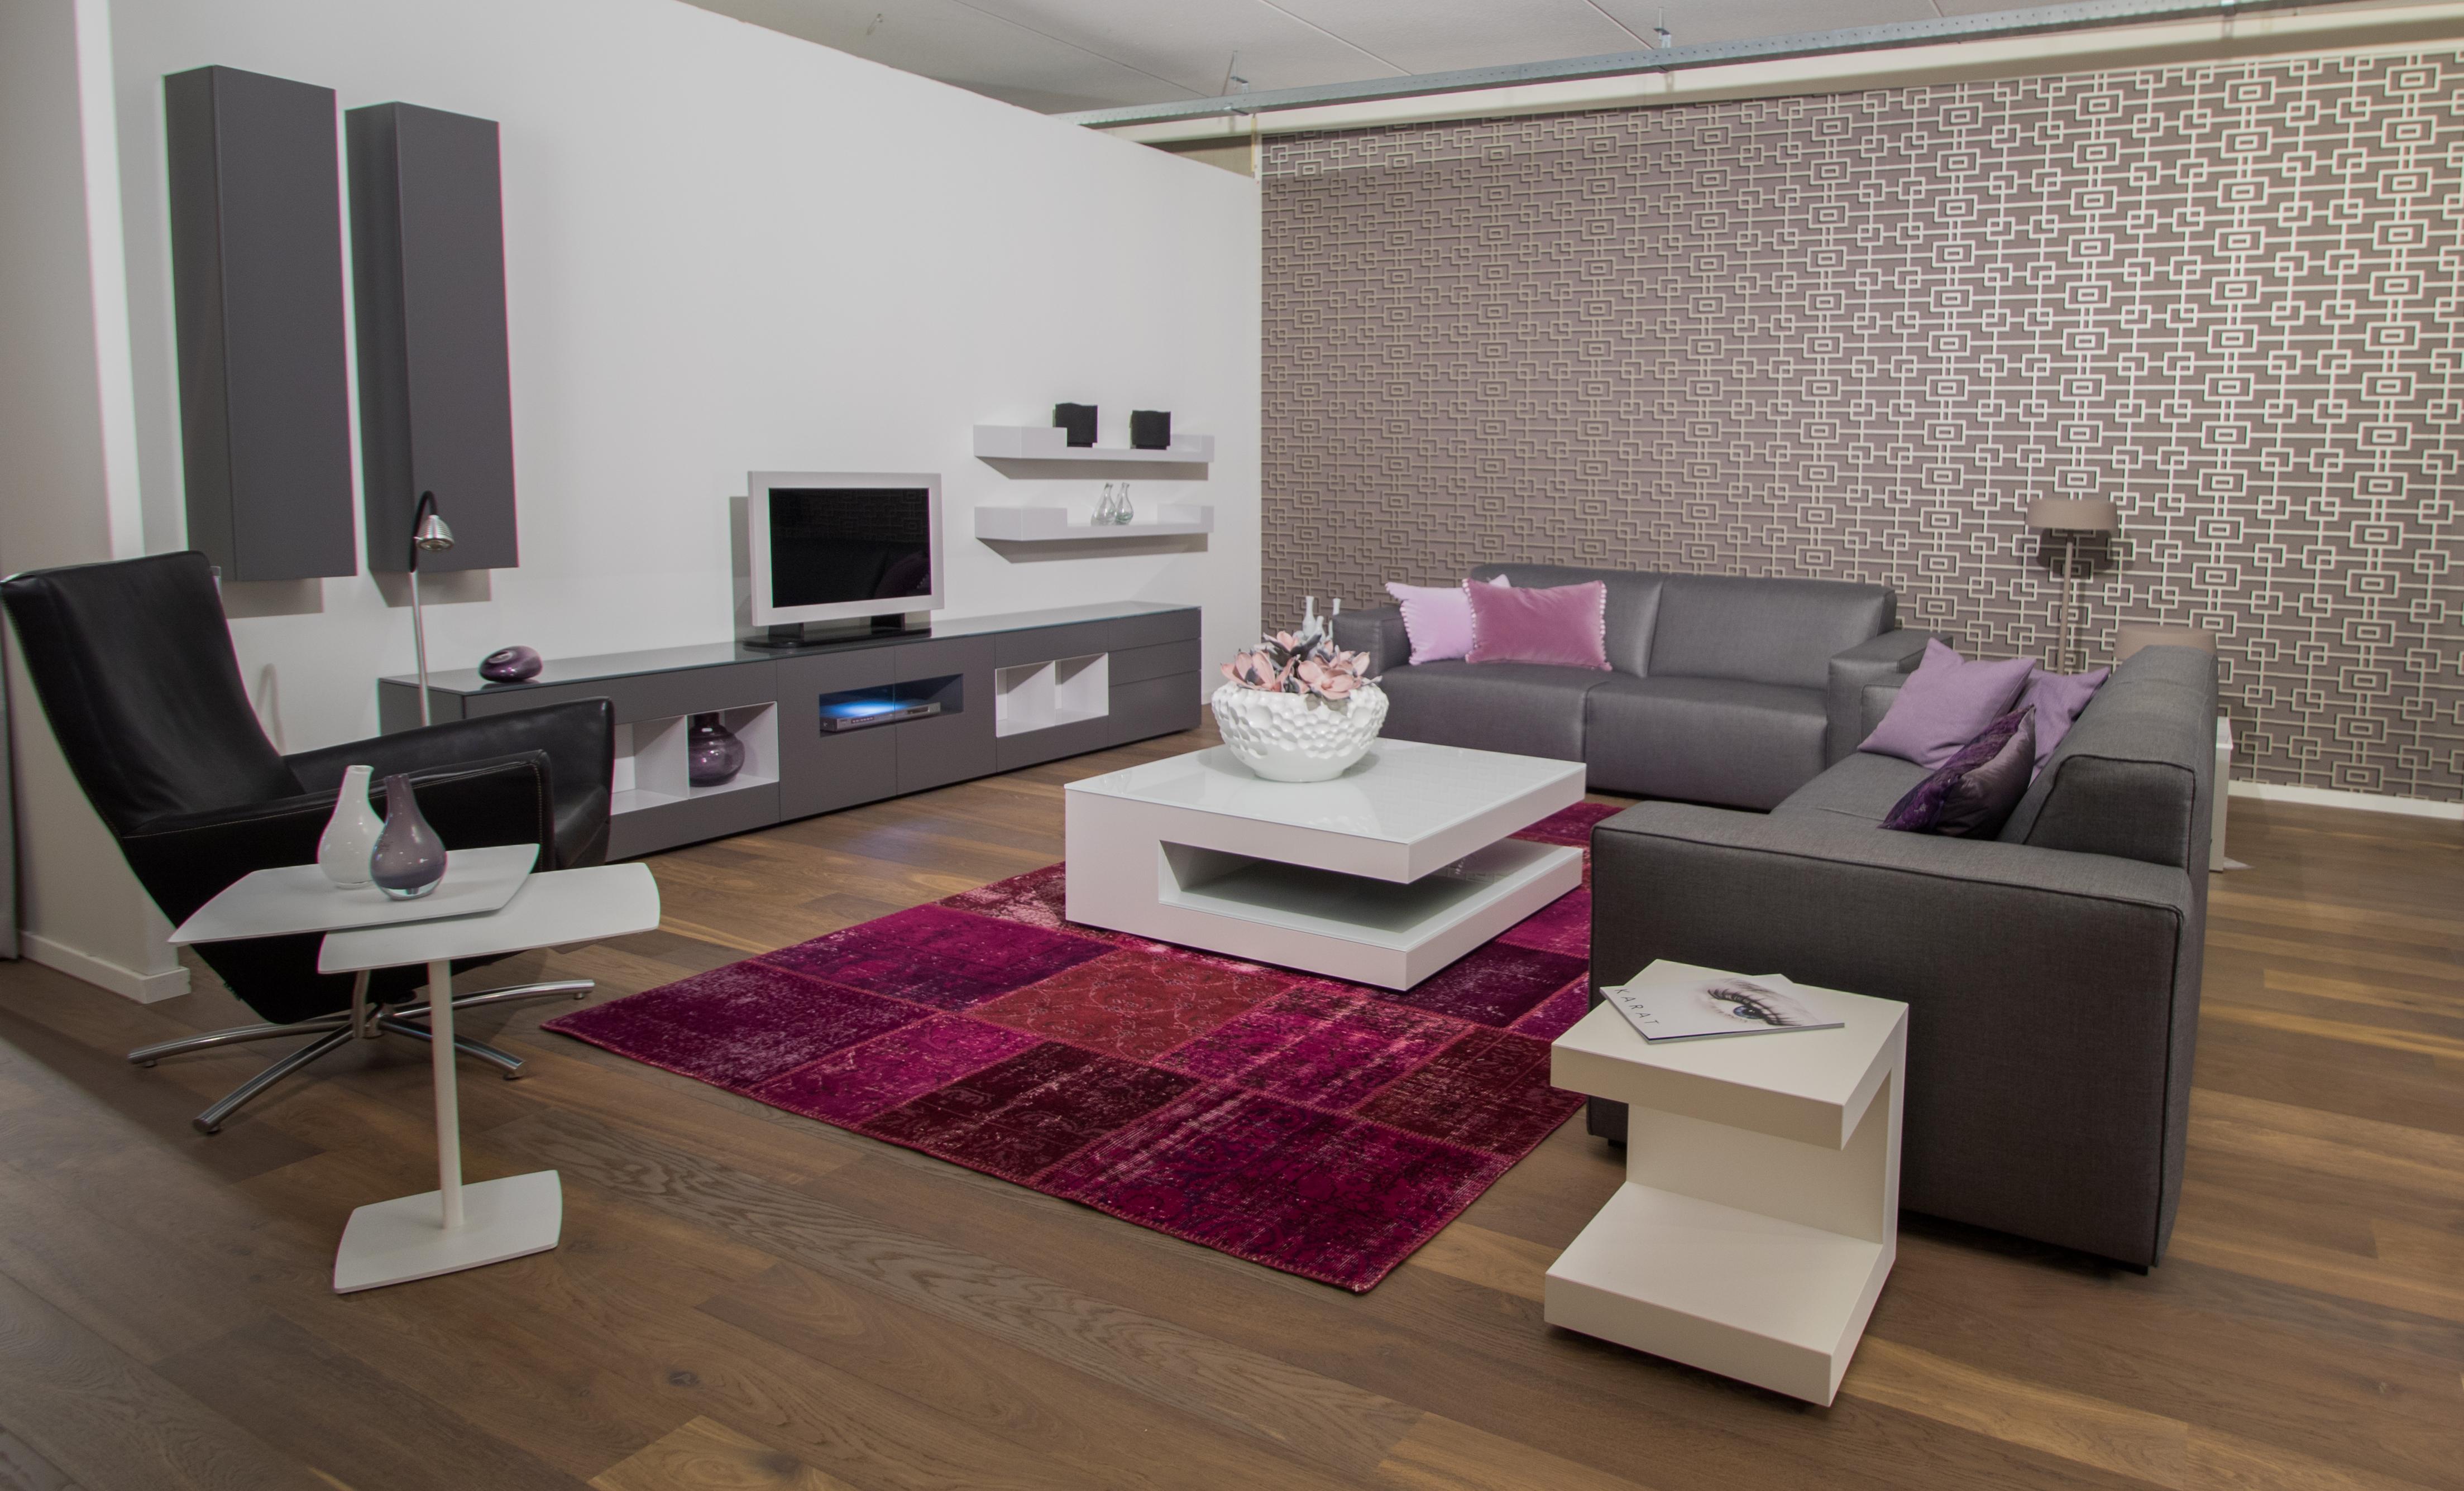 Met welke vloer laat u uw woning stralen - Meubilair tv thuis van de wereld ...